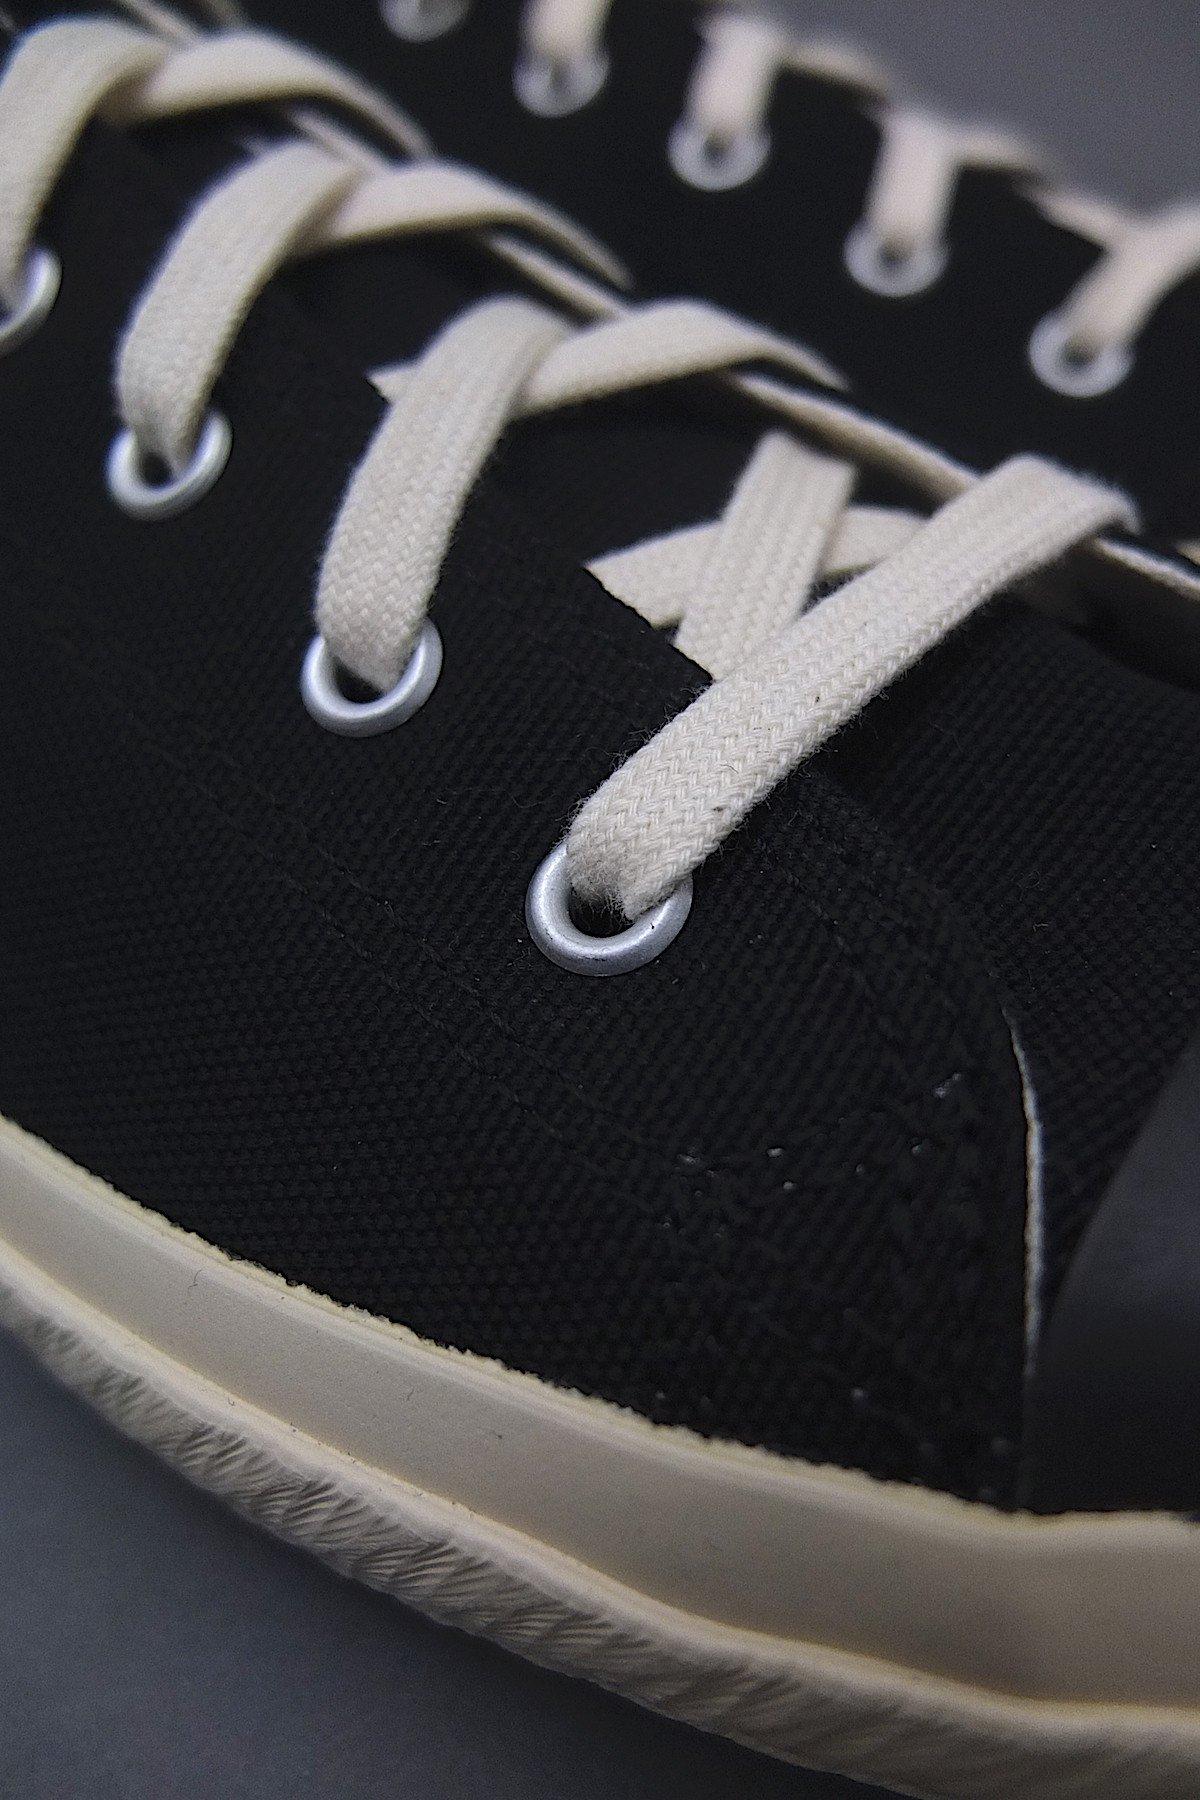 shoes-like-pottery-lo-black-4.JPG